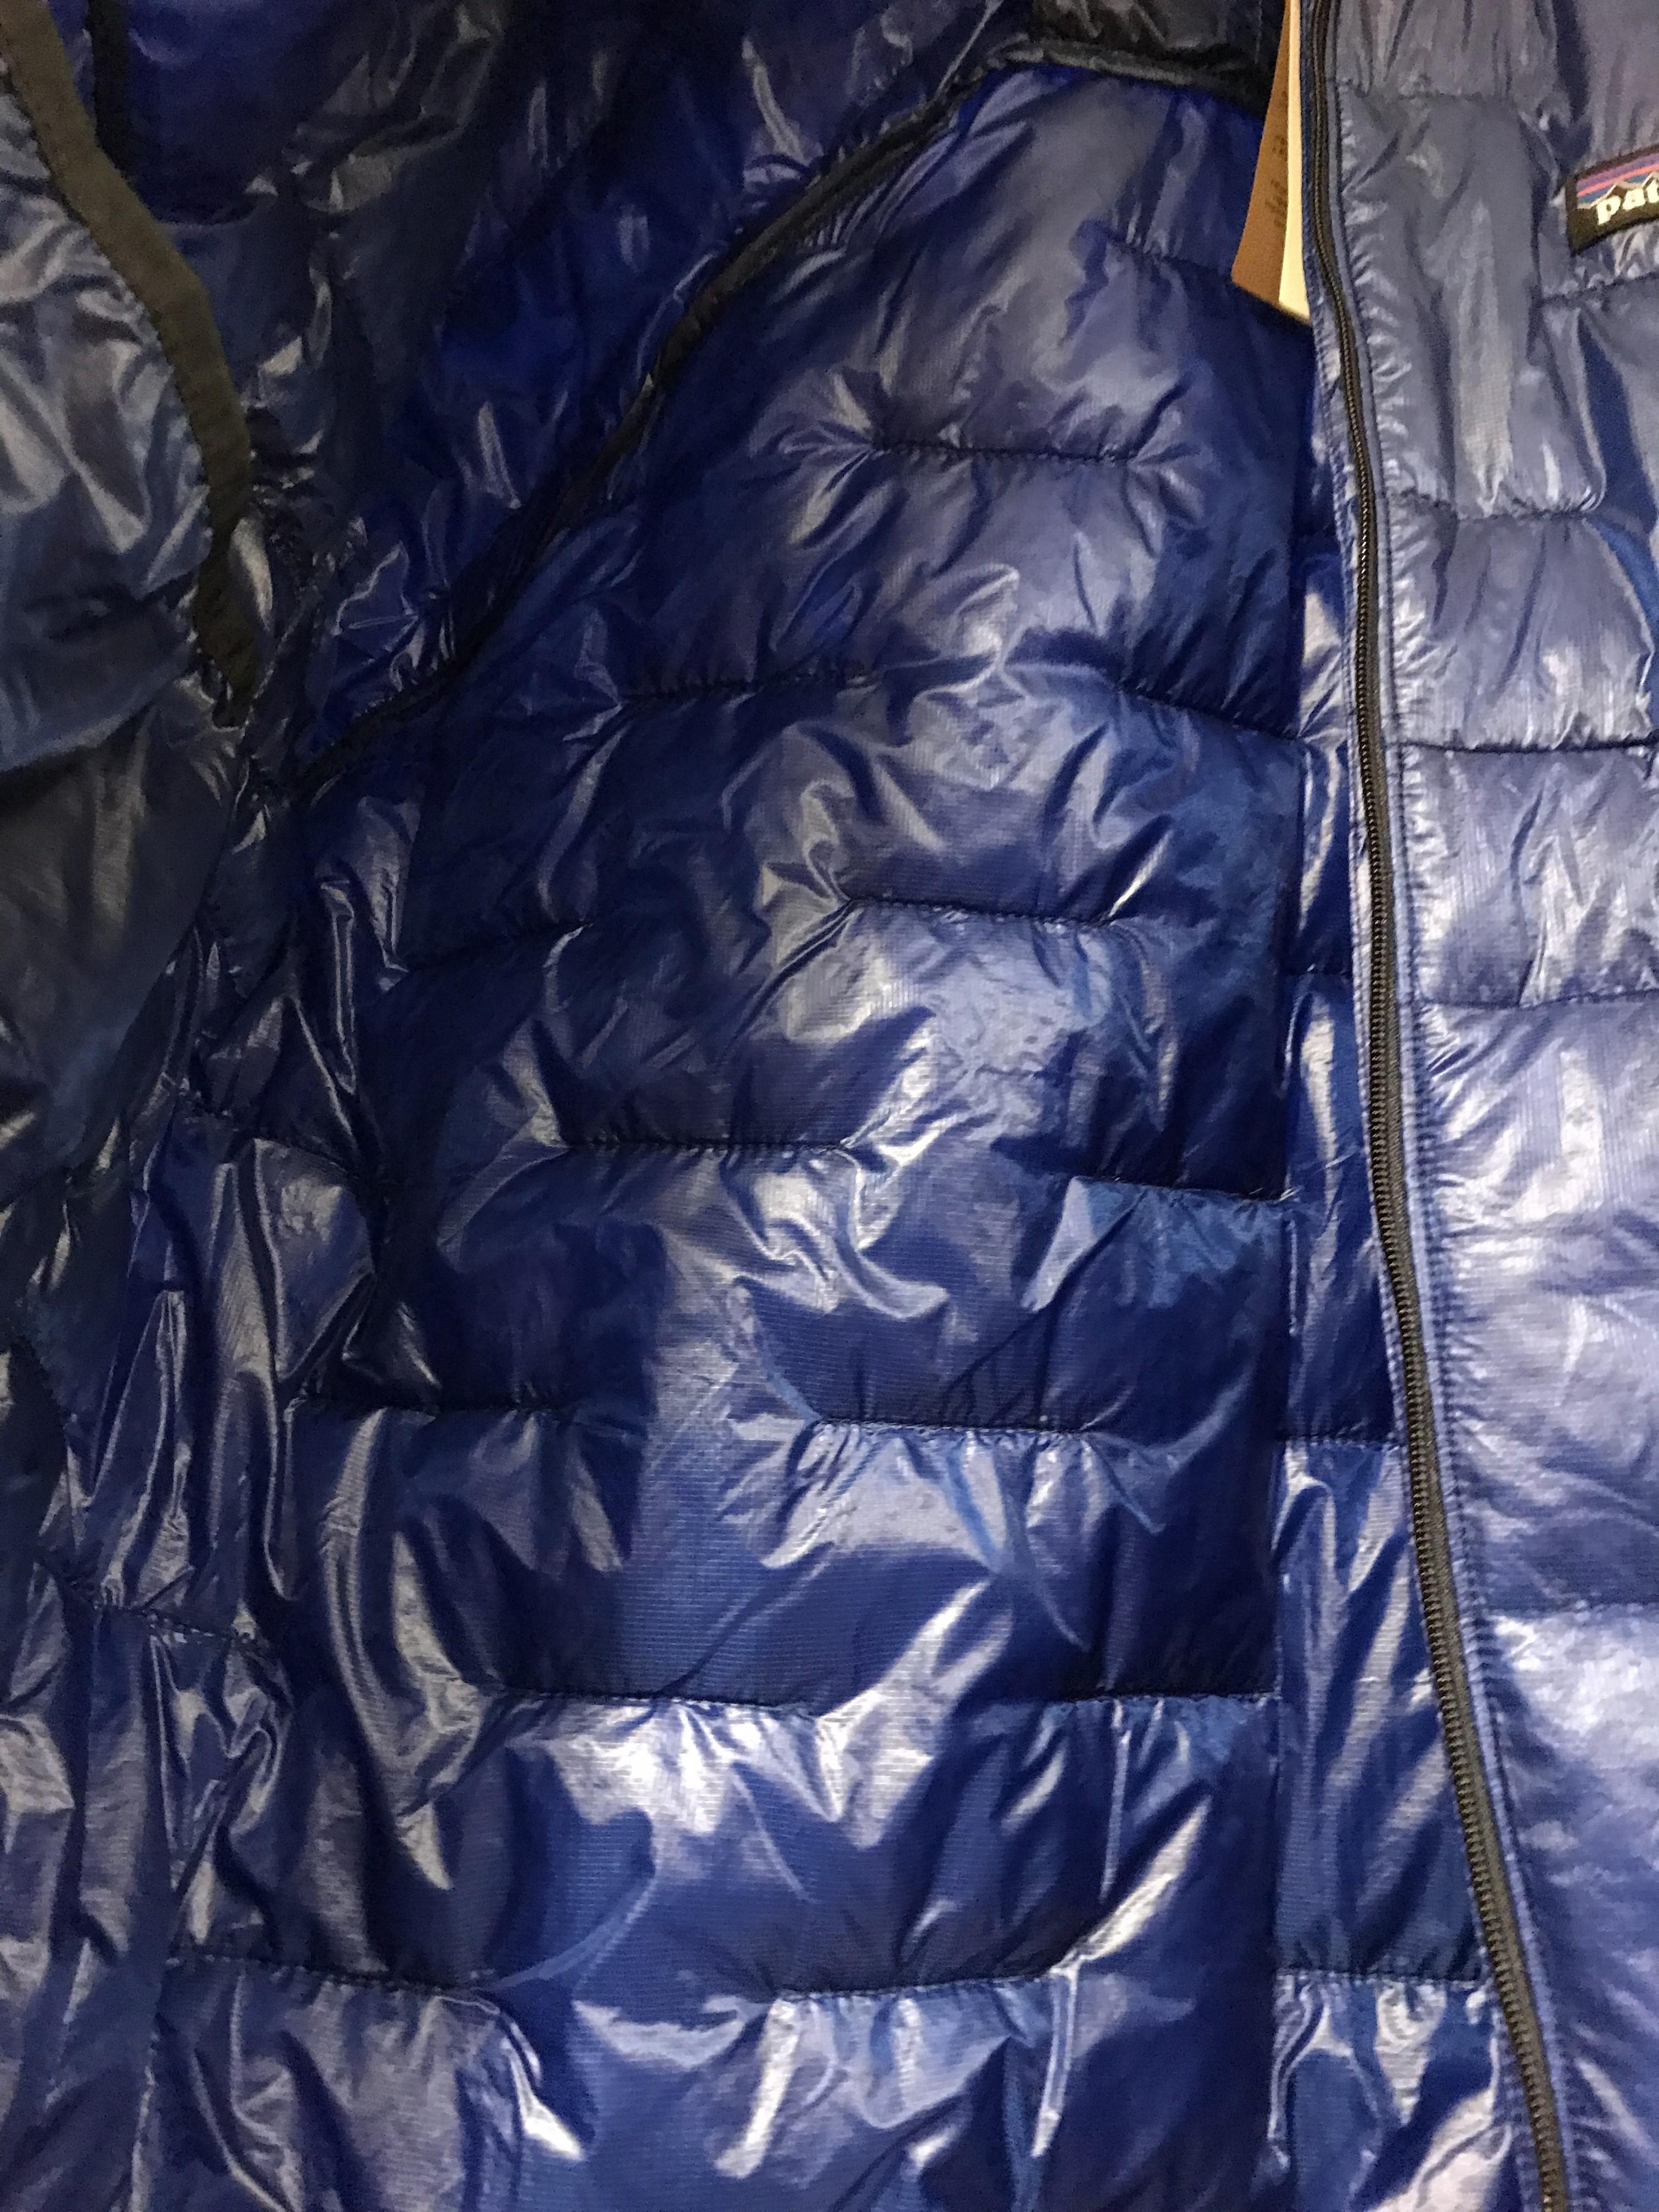 【パタゴニア】micro Puff Jacket(マイクロパフジャケット)が到着したのでレビュー!|ナノパフ